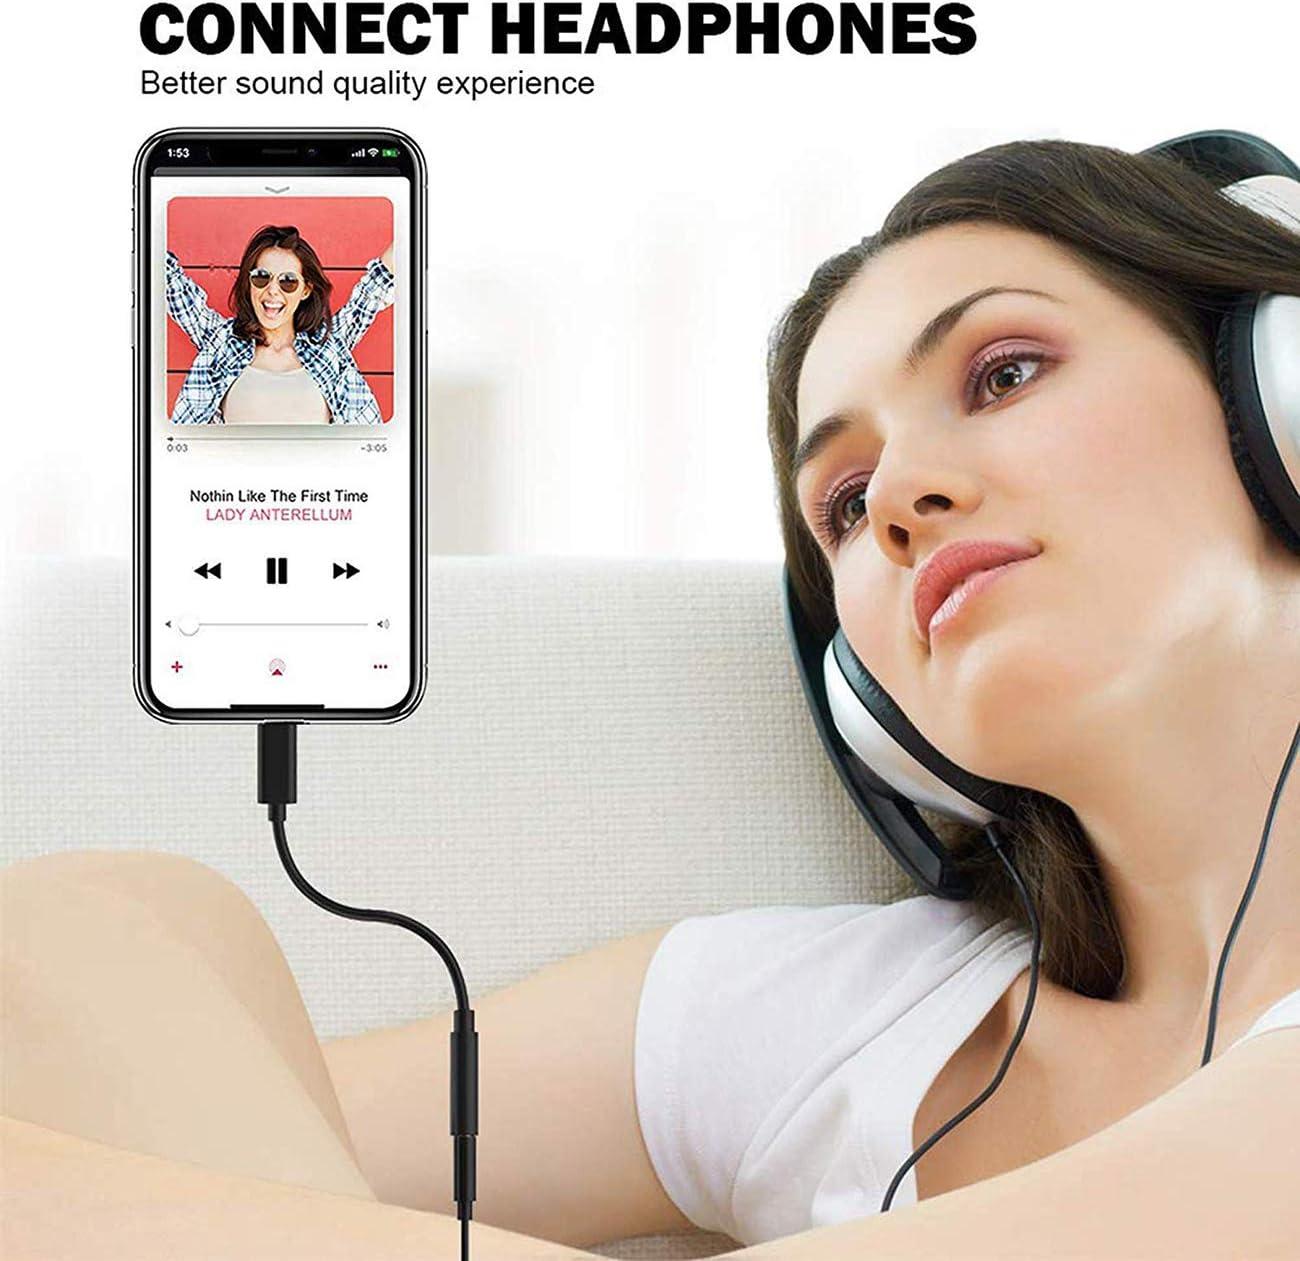 Adattatore Jack per Cuffie per iPhone 8 Adattatore 3,5 mm Aux Audio Stereo Cuffie Splitter per iPhone 11//11 PRO//X//XS//XS MAX//XR//7//7Plus//8//8Plus Connettore per Cuffie Supporto Tutto iOS